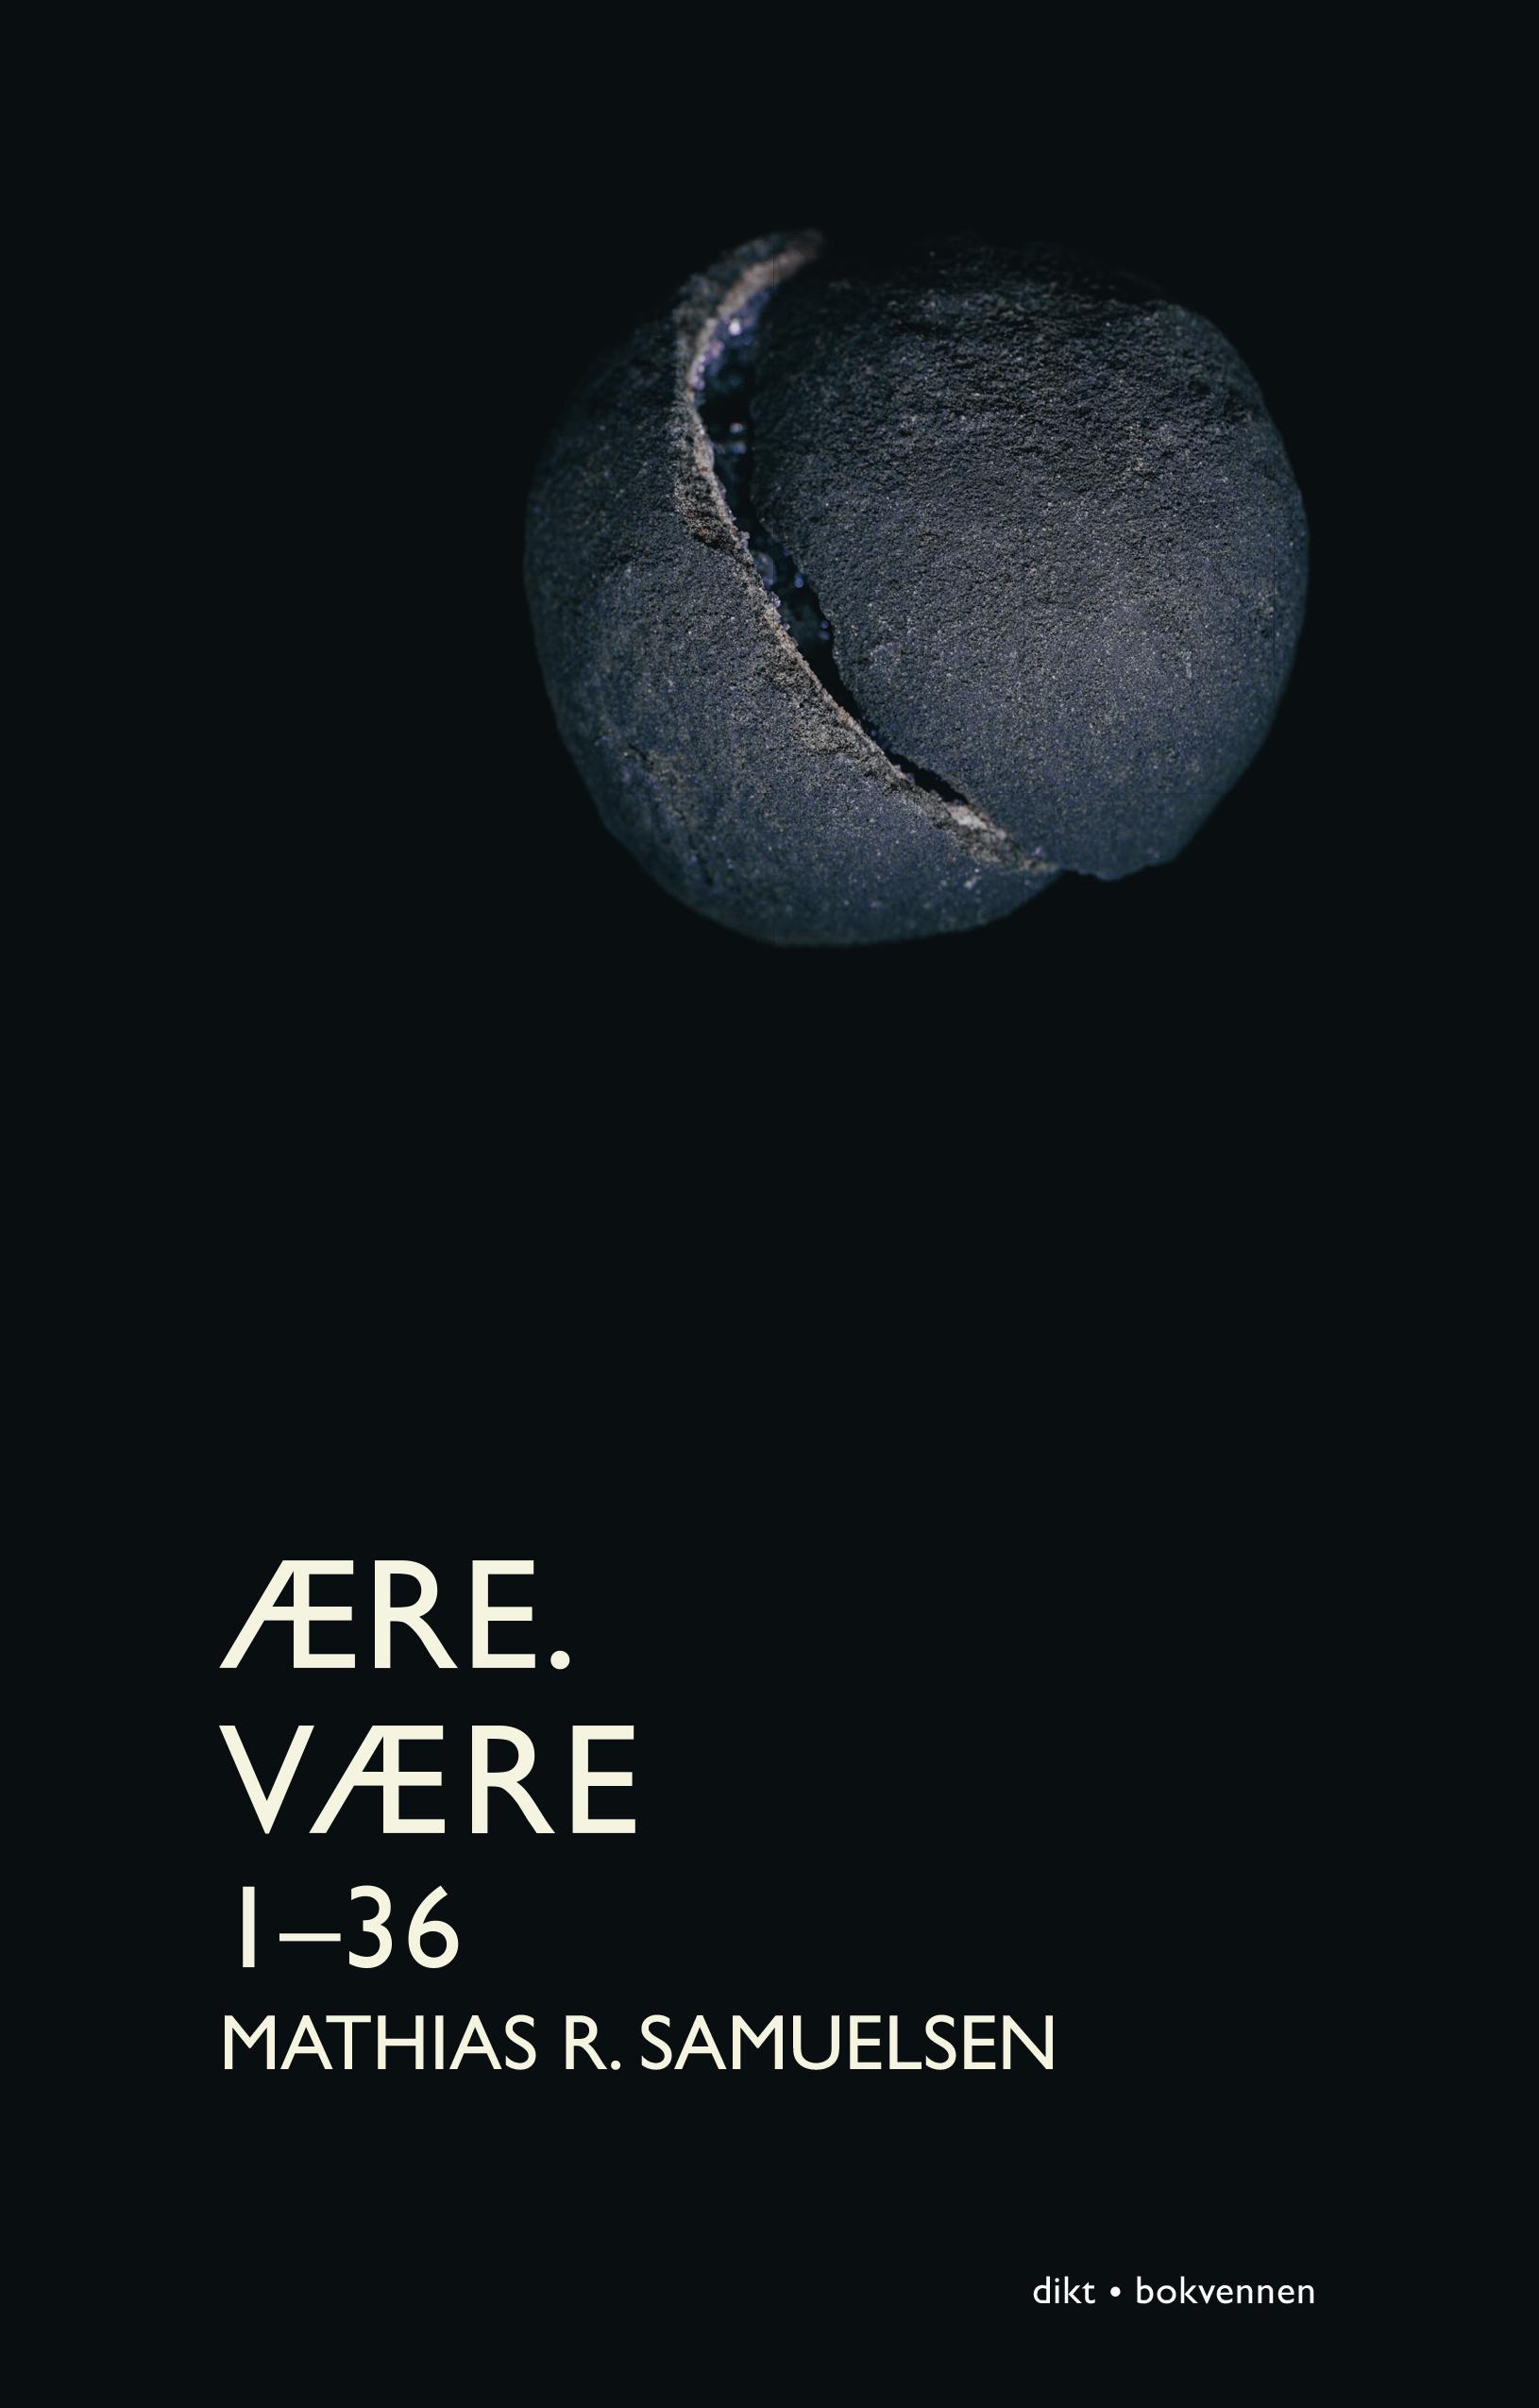 """""""Ære. Være 1-36 - dikt"""" av Mathias R. Samuelsen"""